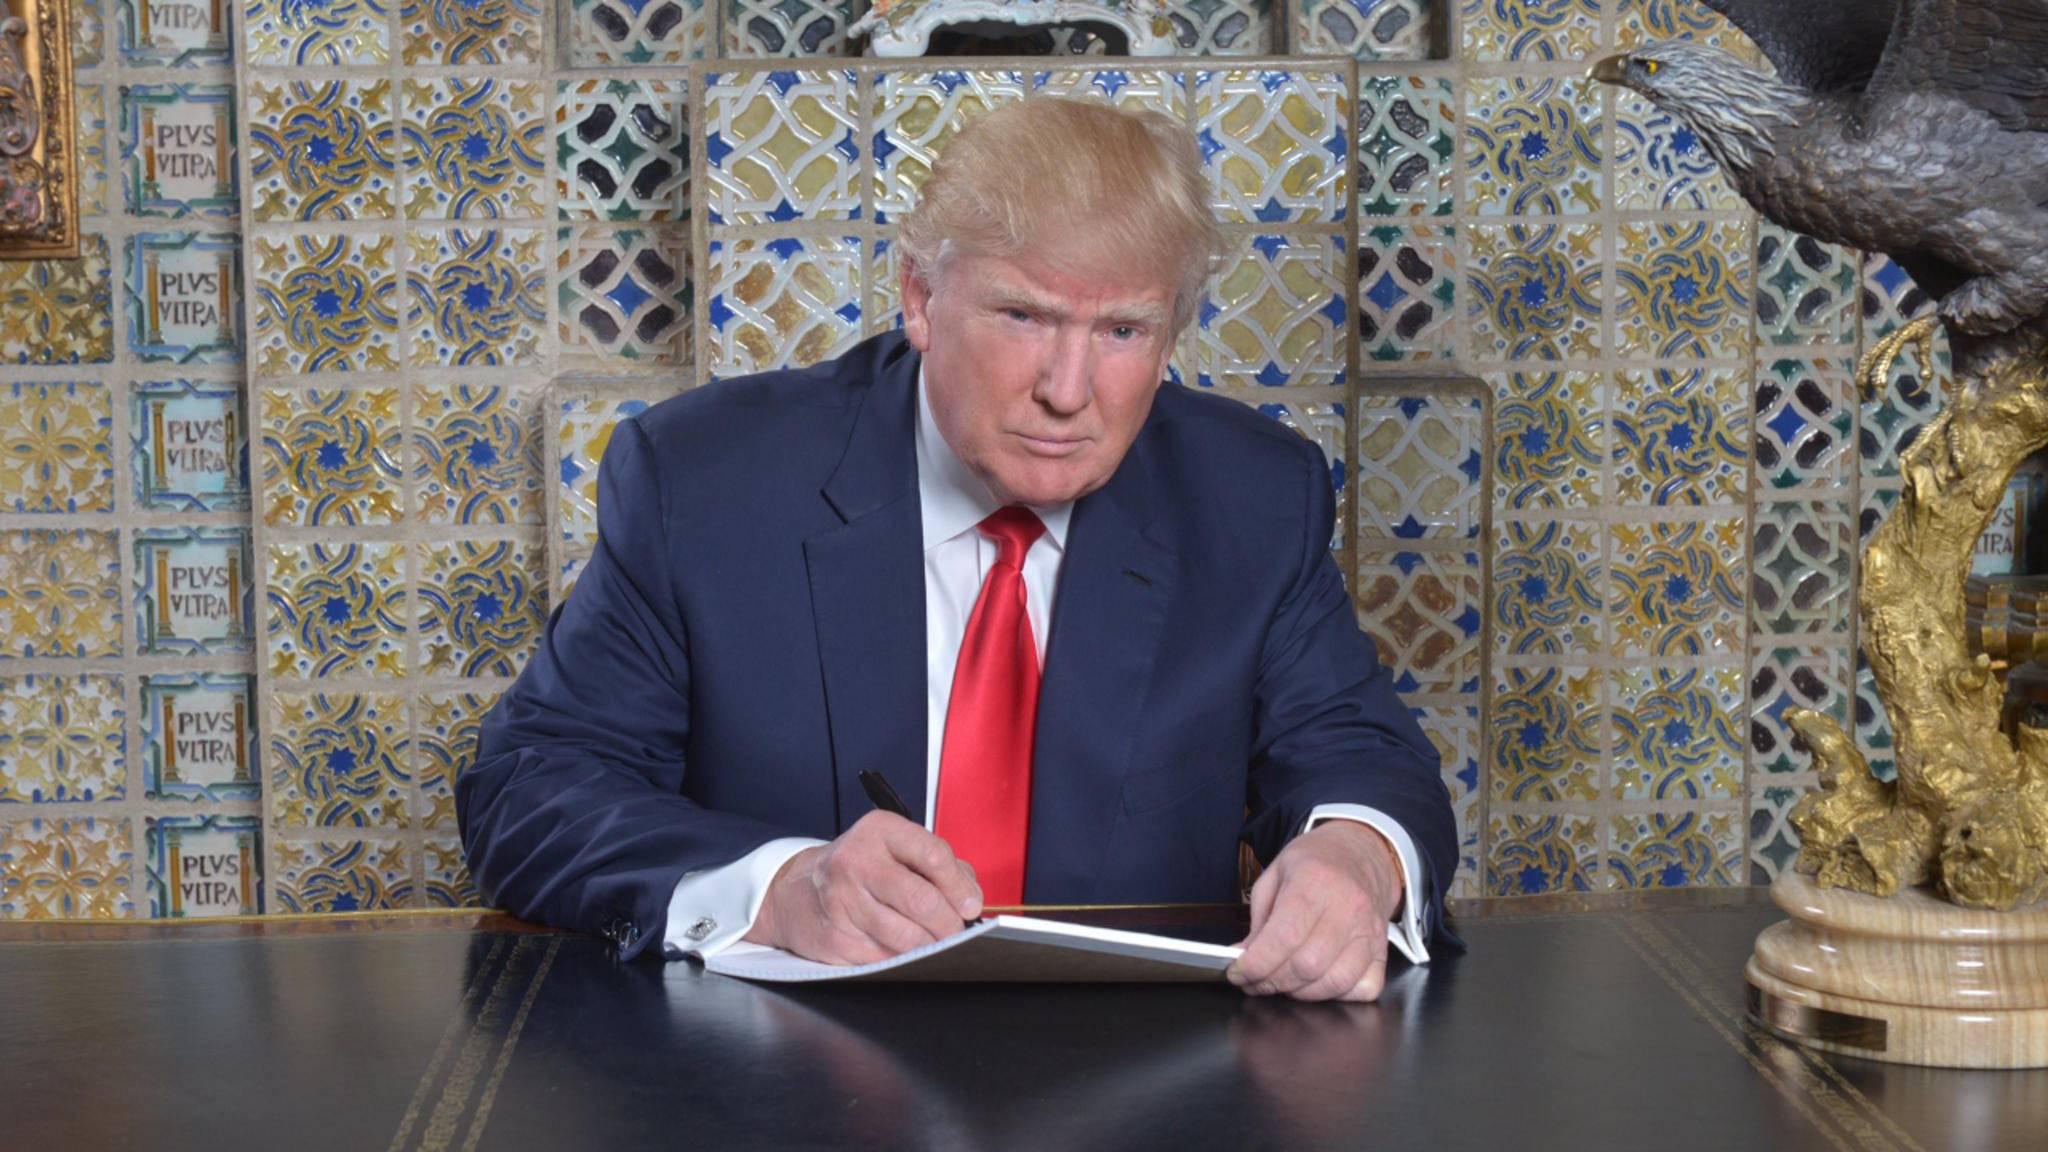 Er sieht harmlos aus, aber laut Hawking könnte Donald Trump die Welt zum Untergang verurteilt haben.